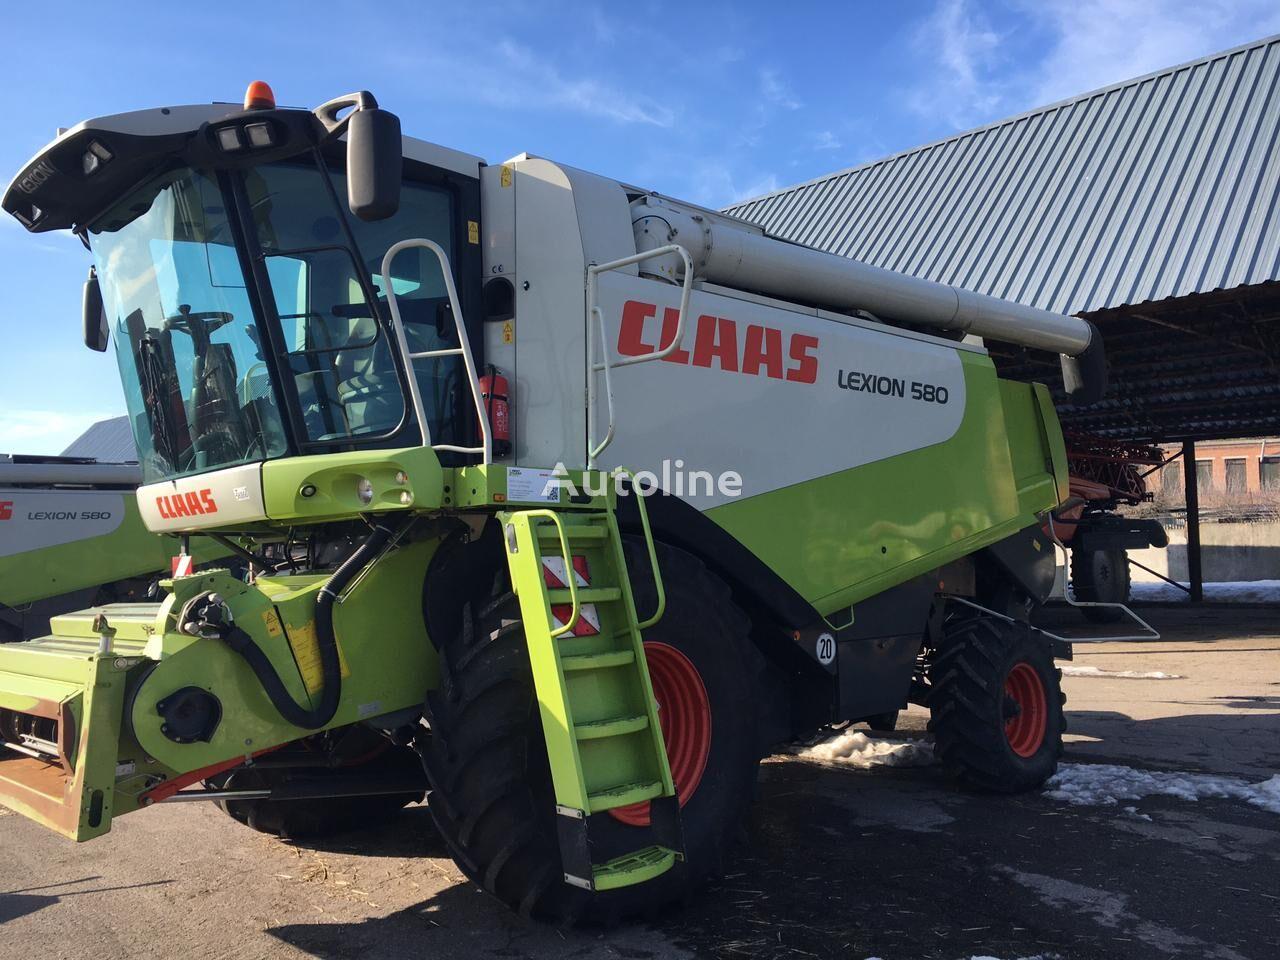 CLAAS Lexion 580. Vario 900 grain harvester